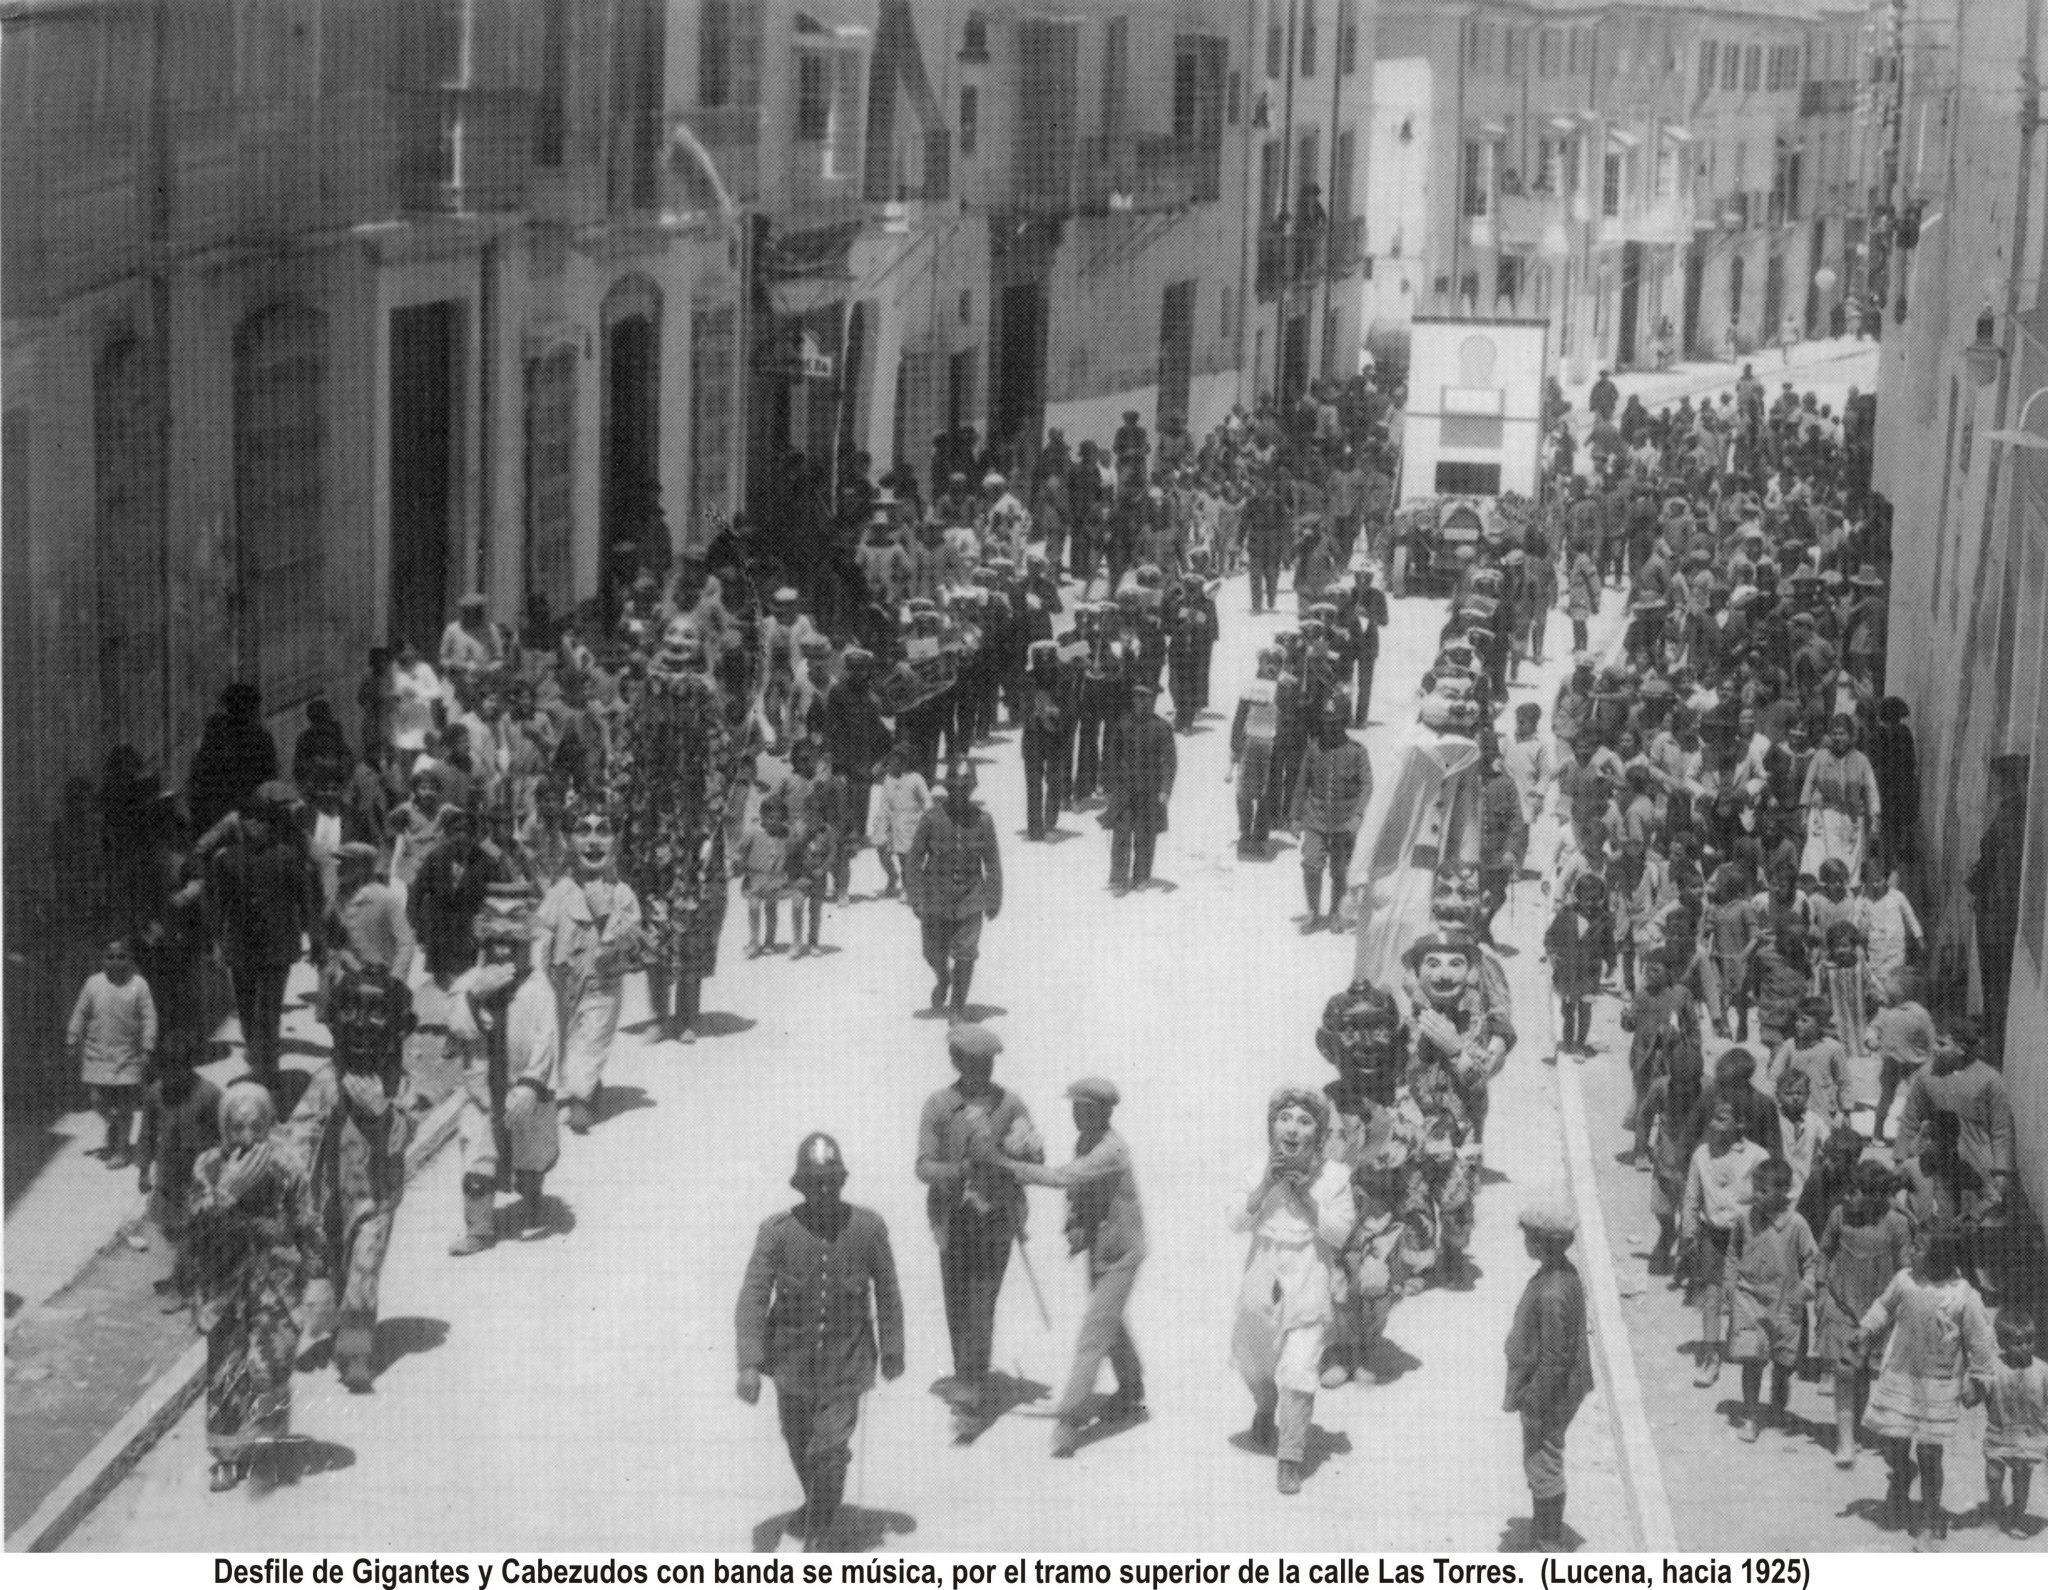 Desfile de Gigantes y cabezudos. Las Torres. 1925